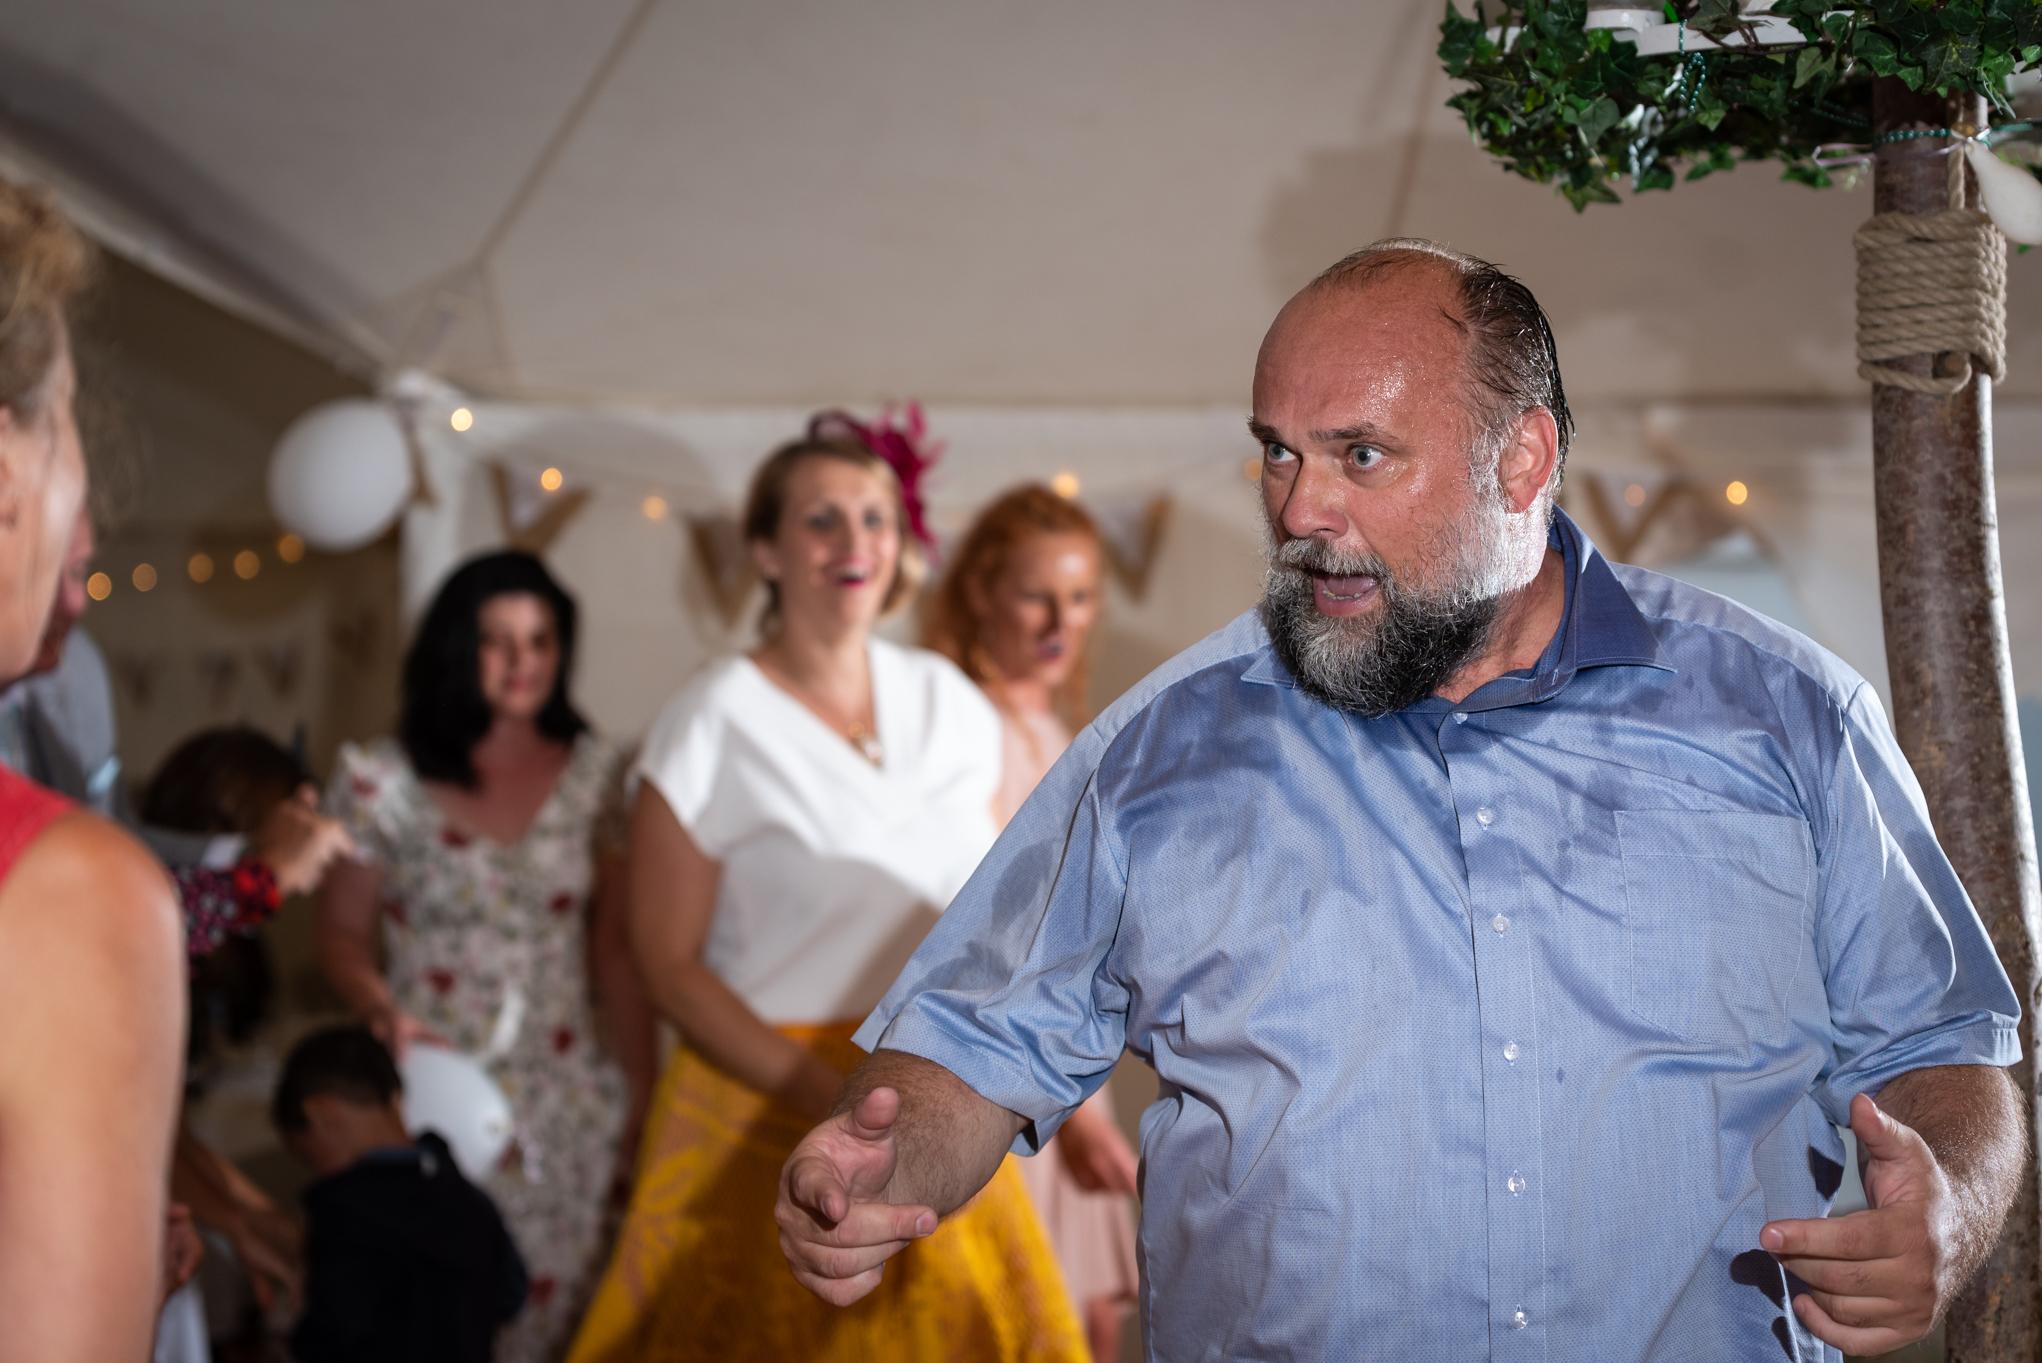 Copy of Wedding Party Dancing